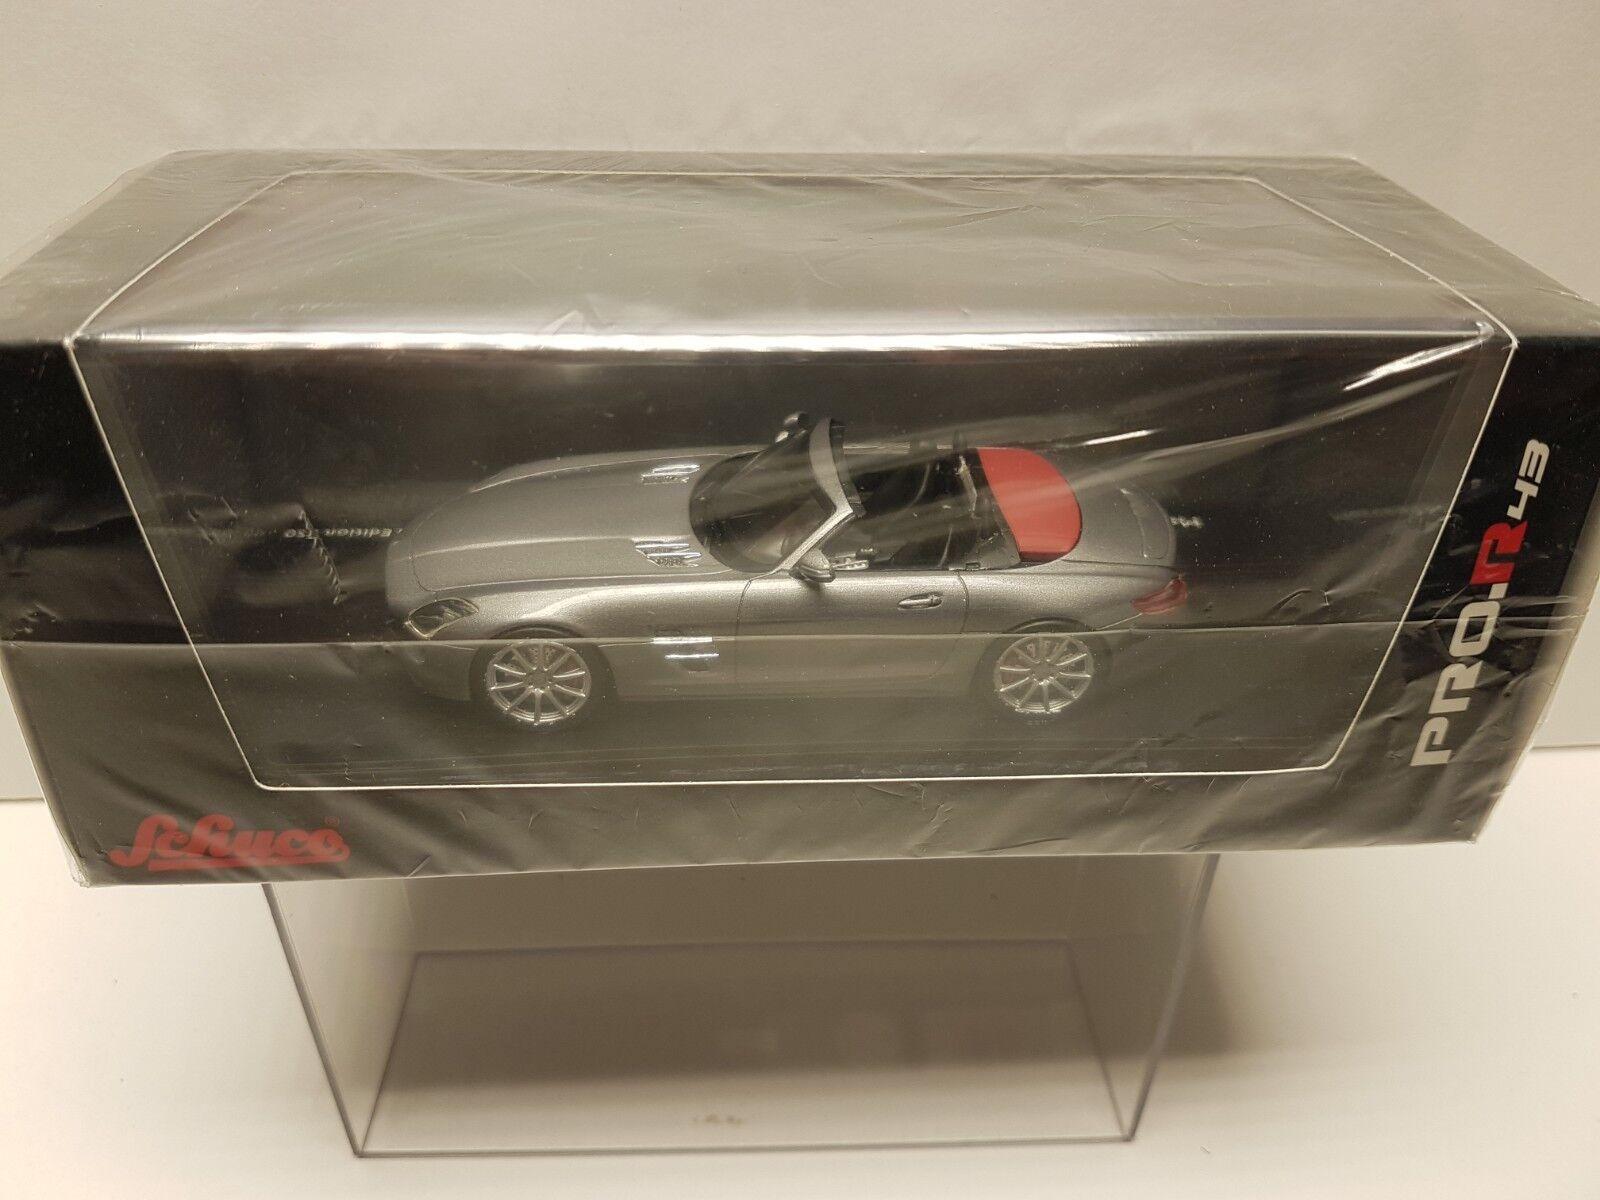 Mercedes Benz SLS AMG Roadster  Schucu 450887200